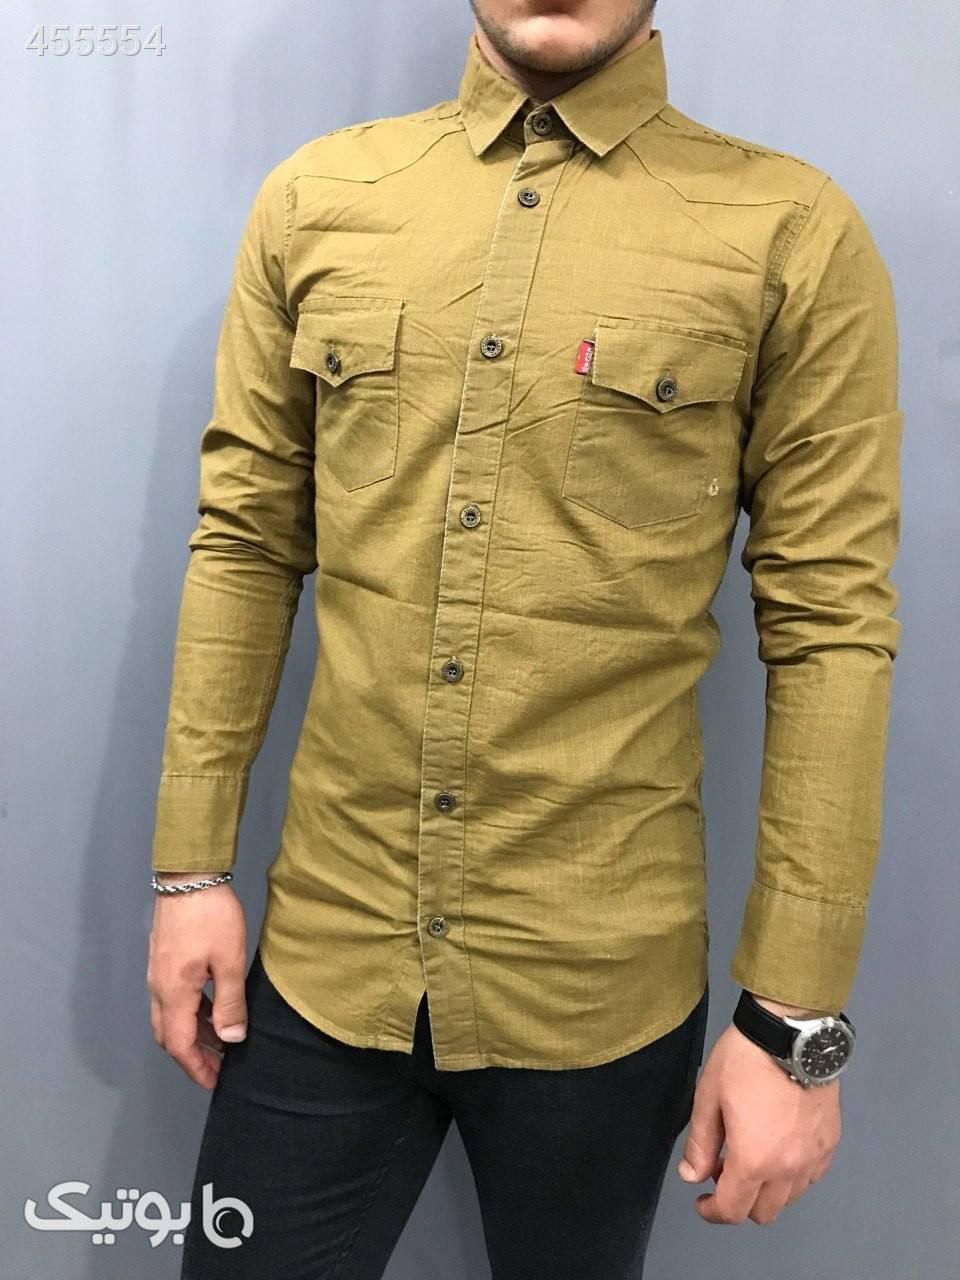 پیراهن اسلپ نازک مدل سنگشور  طوسی پيراهن مردانه